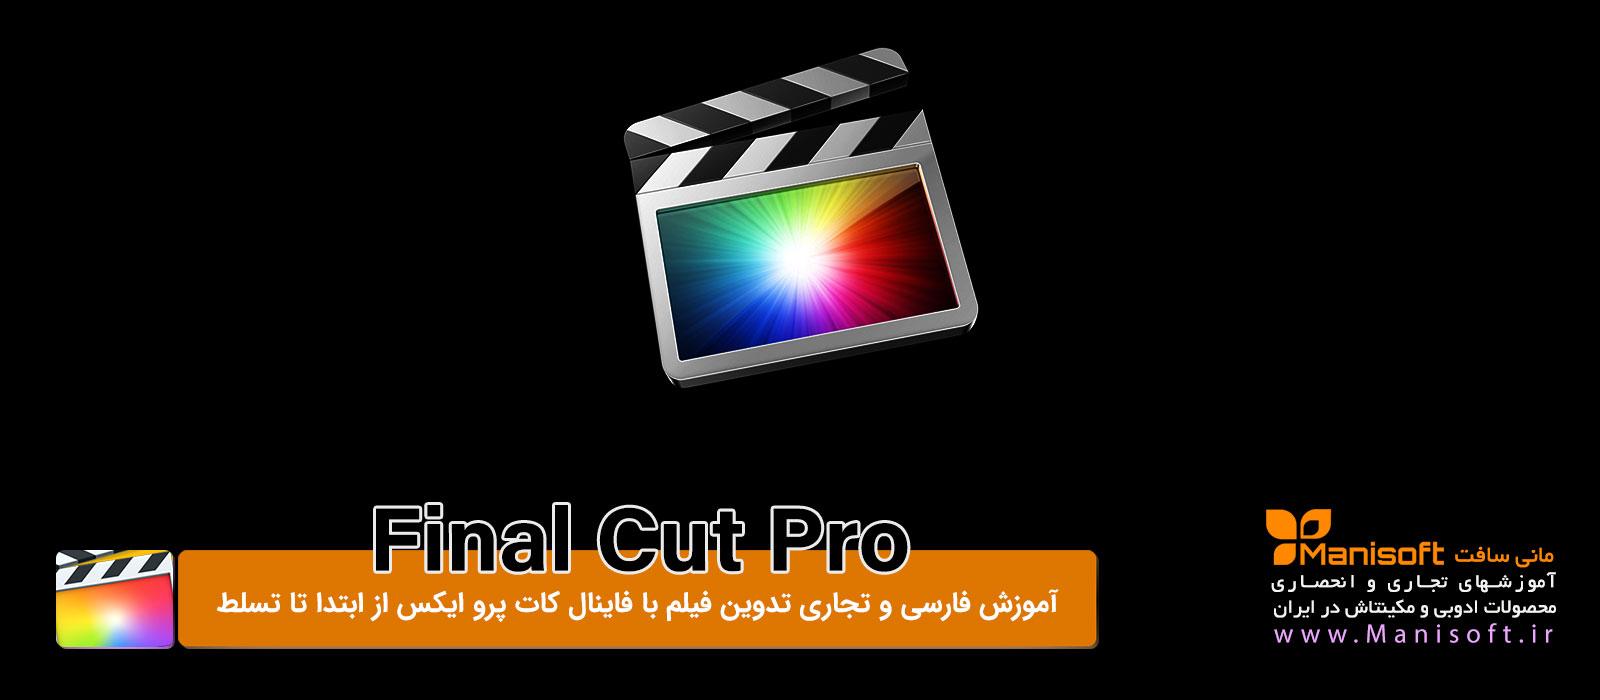 آموزش حرفه ای فاینال کات و آموزش تدوین فیلم با فاینال کات